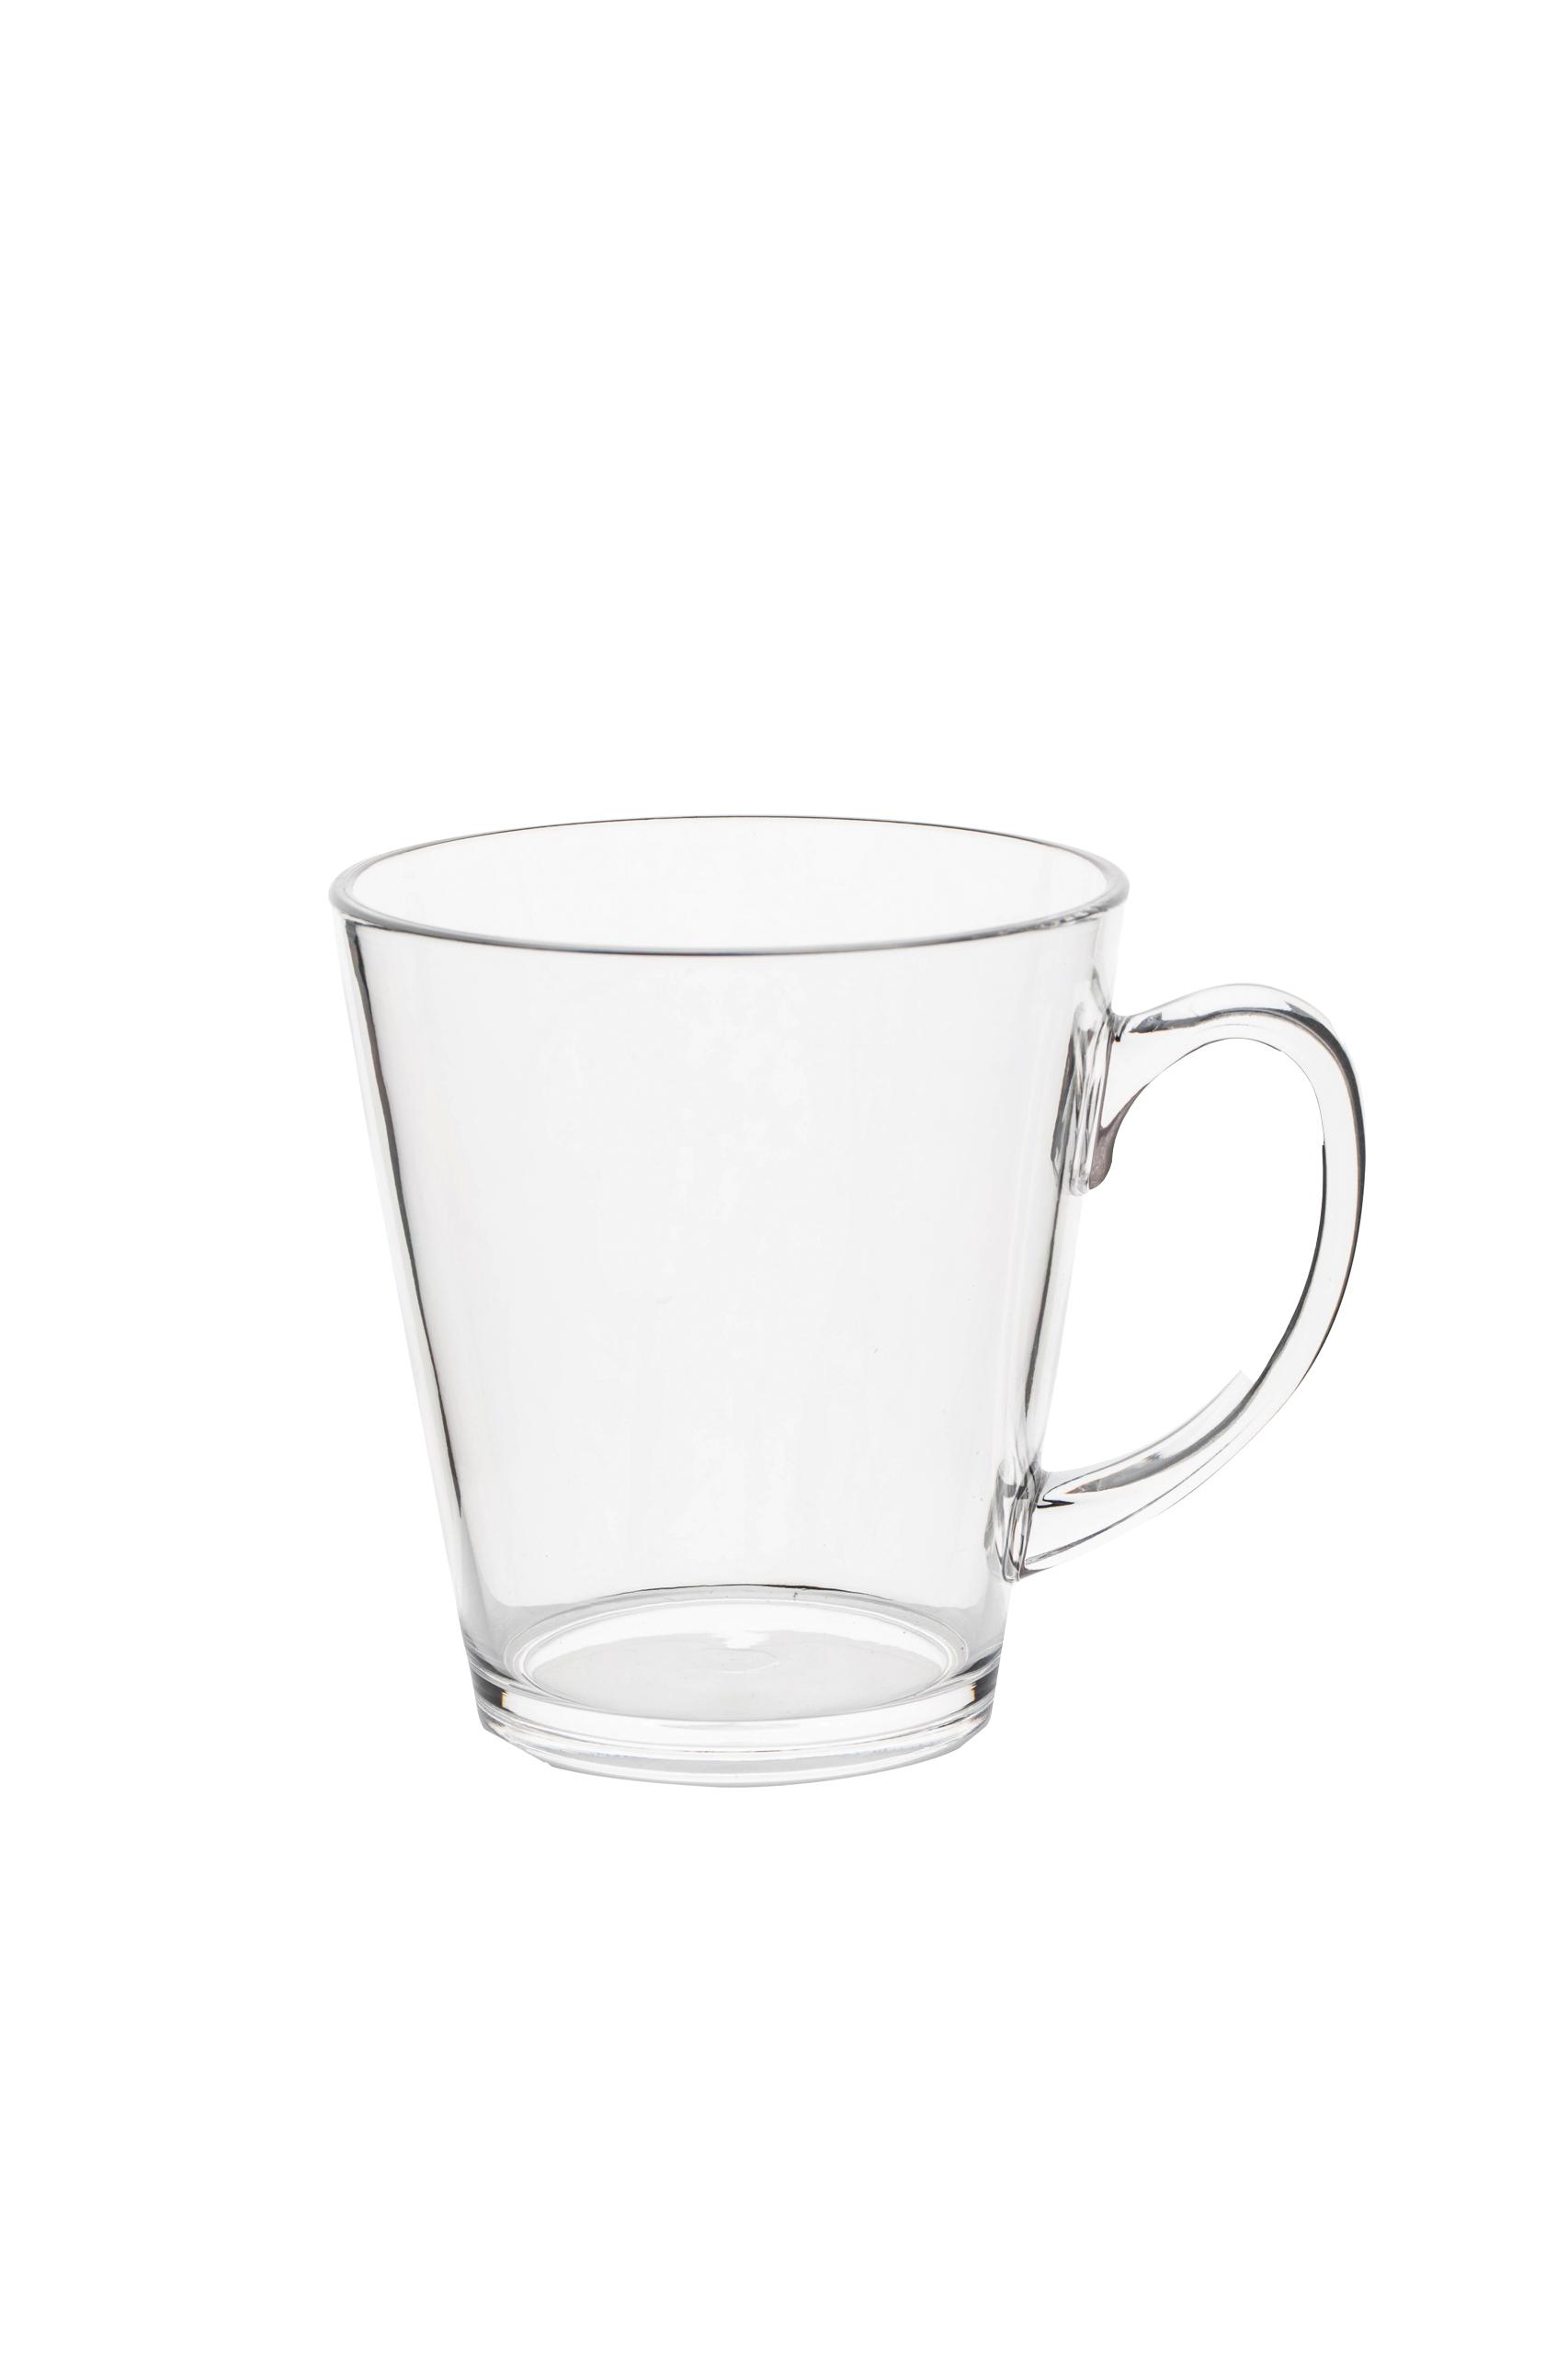 Gimex Teeglas, klar, 2 tlg. Set